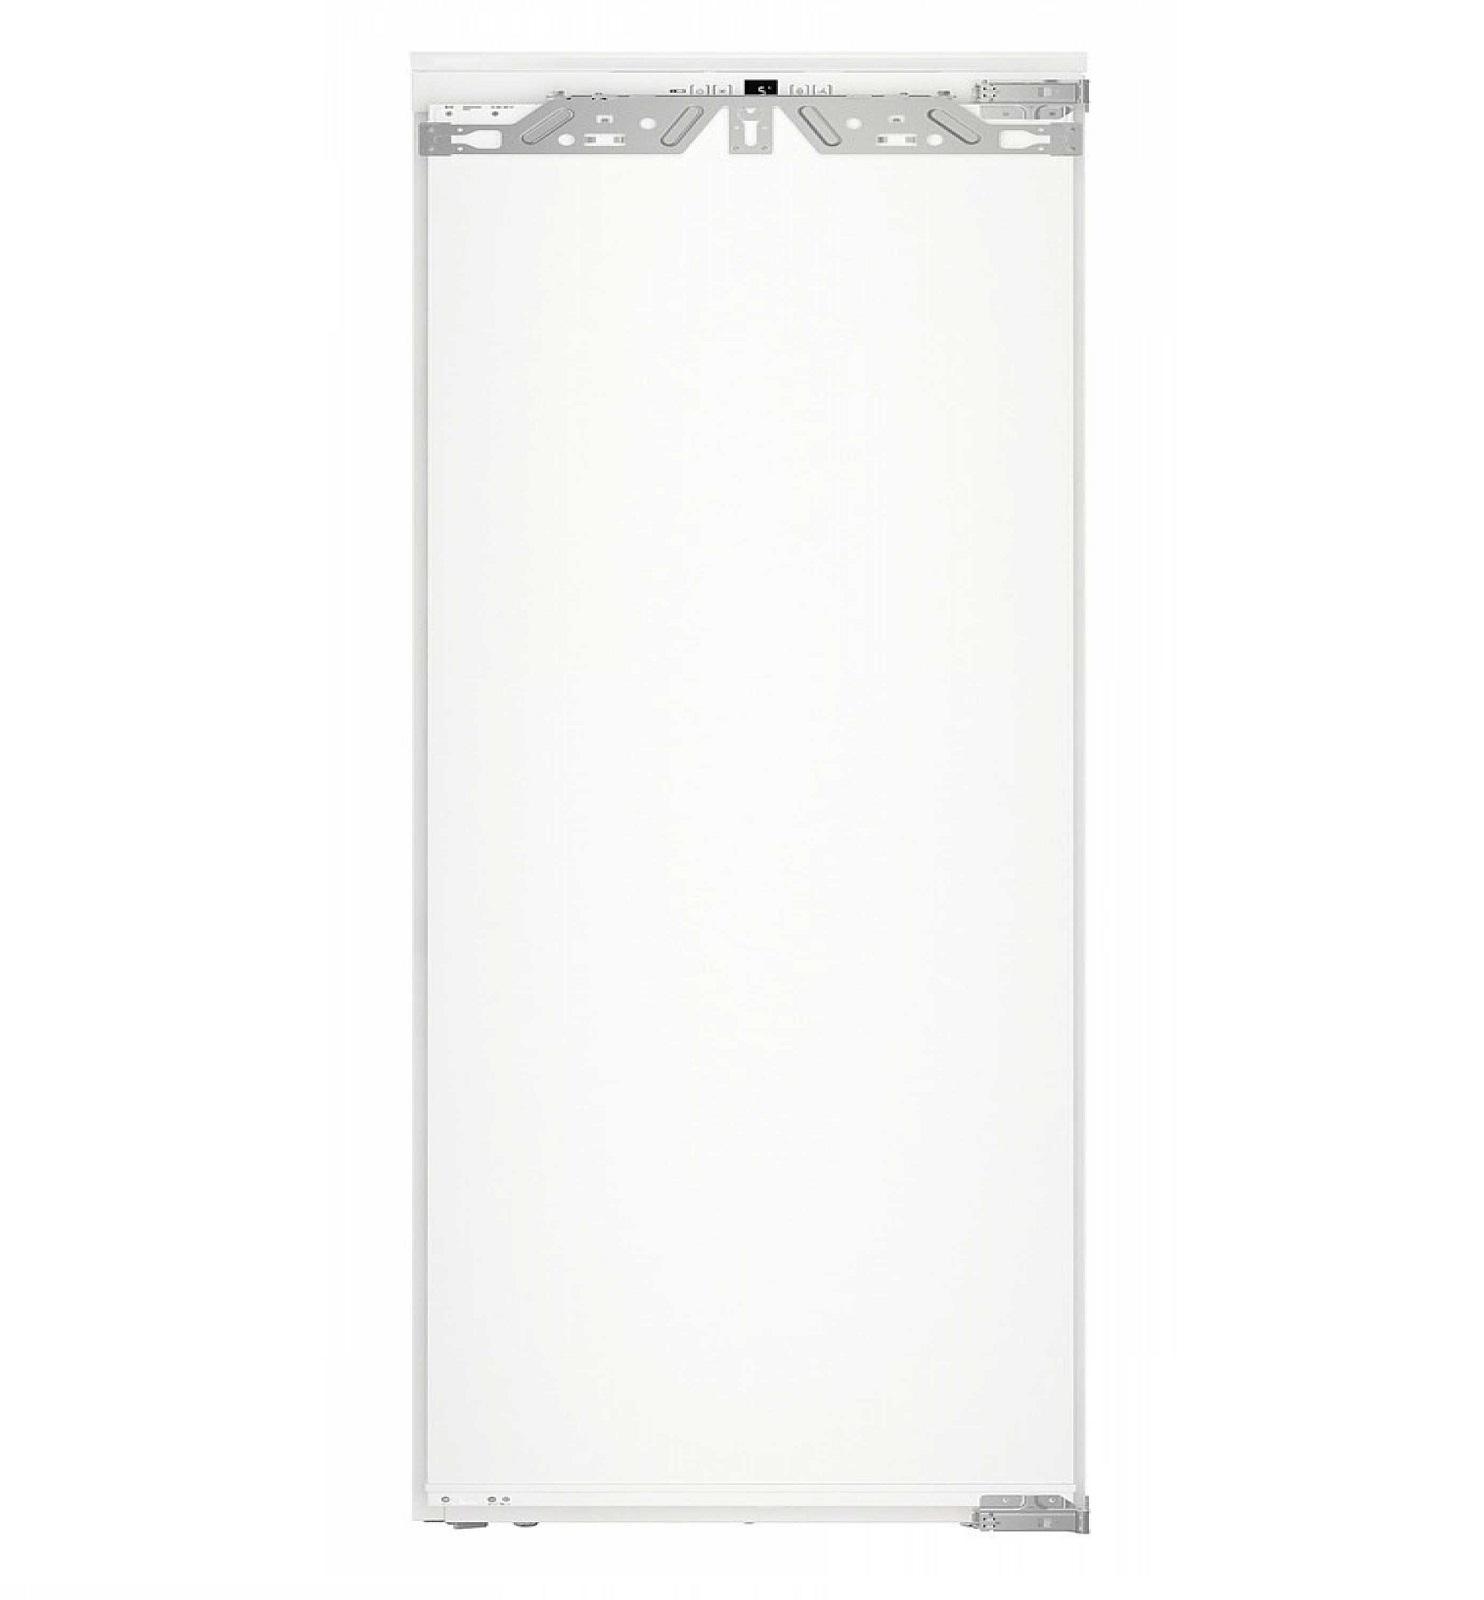 купить Встраиваемый однокамерный холодильник Liebherr IKF 3510 Украина фото 1